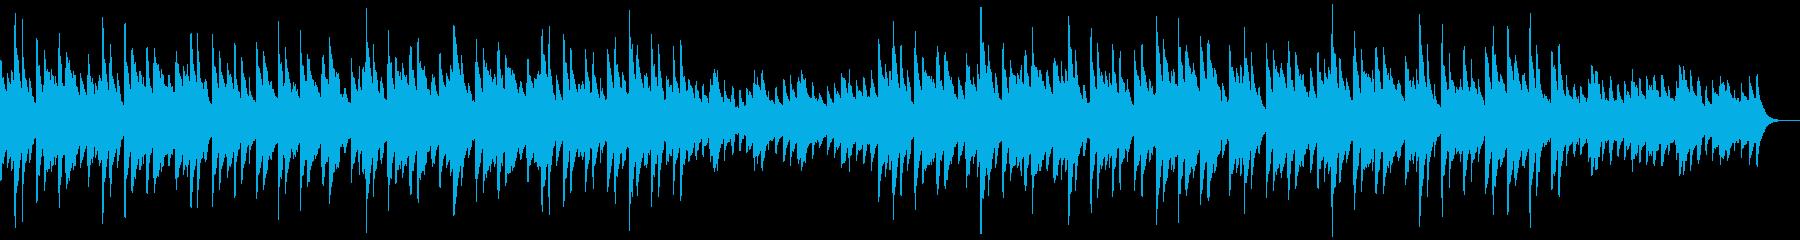 ウェディング・ワルツ・結婚式・ピアノソロの再生済みの波形